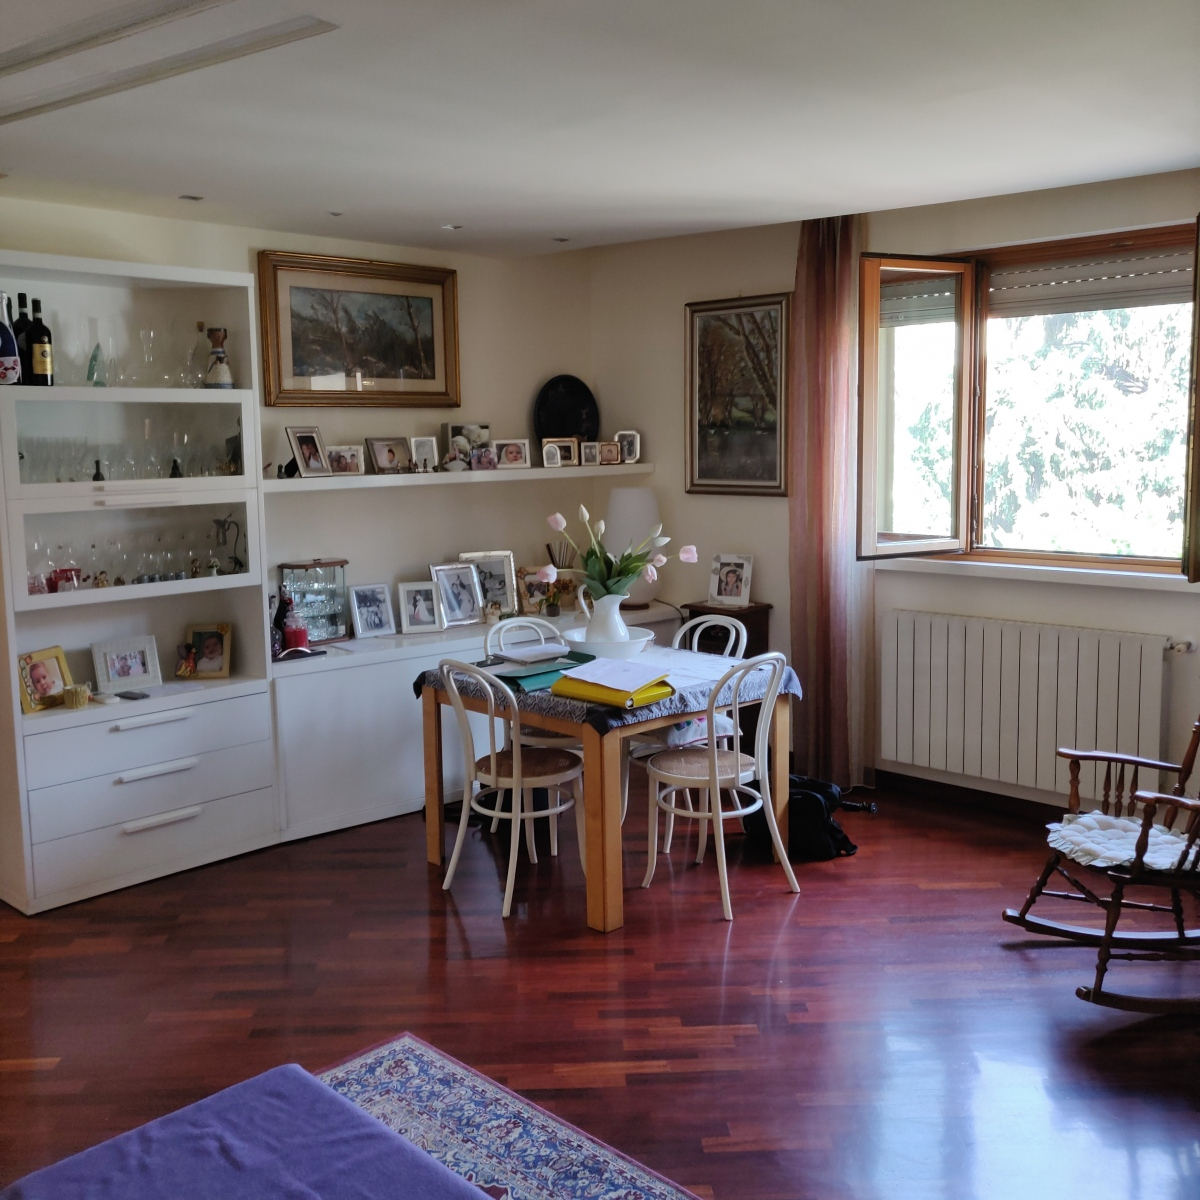 appartamento-in-vendita-a-baggio-via-cassolnovo-bagarotti-3-locali-milano-trilocale-spaziourbano-immobiliare-vende-15